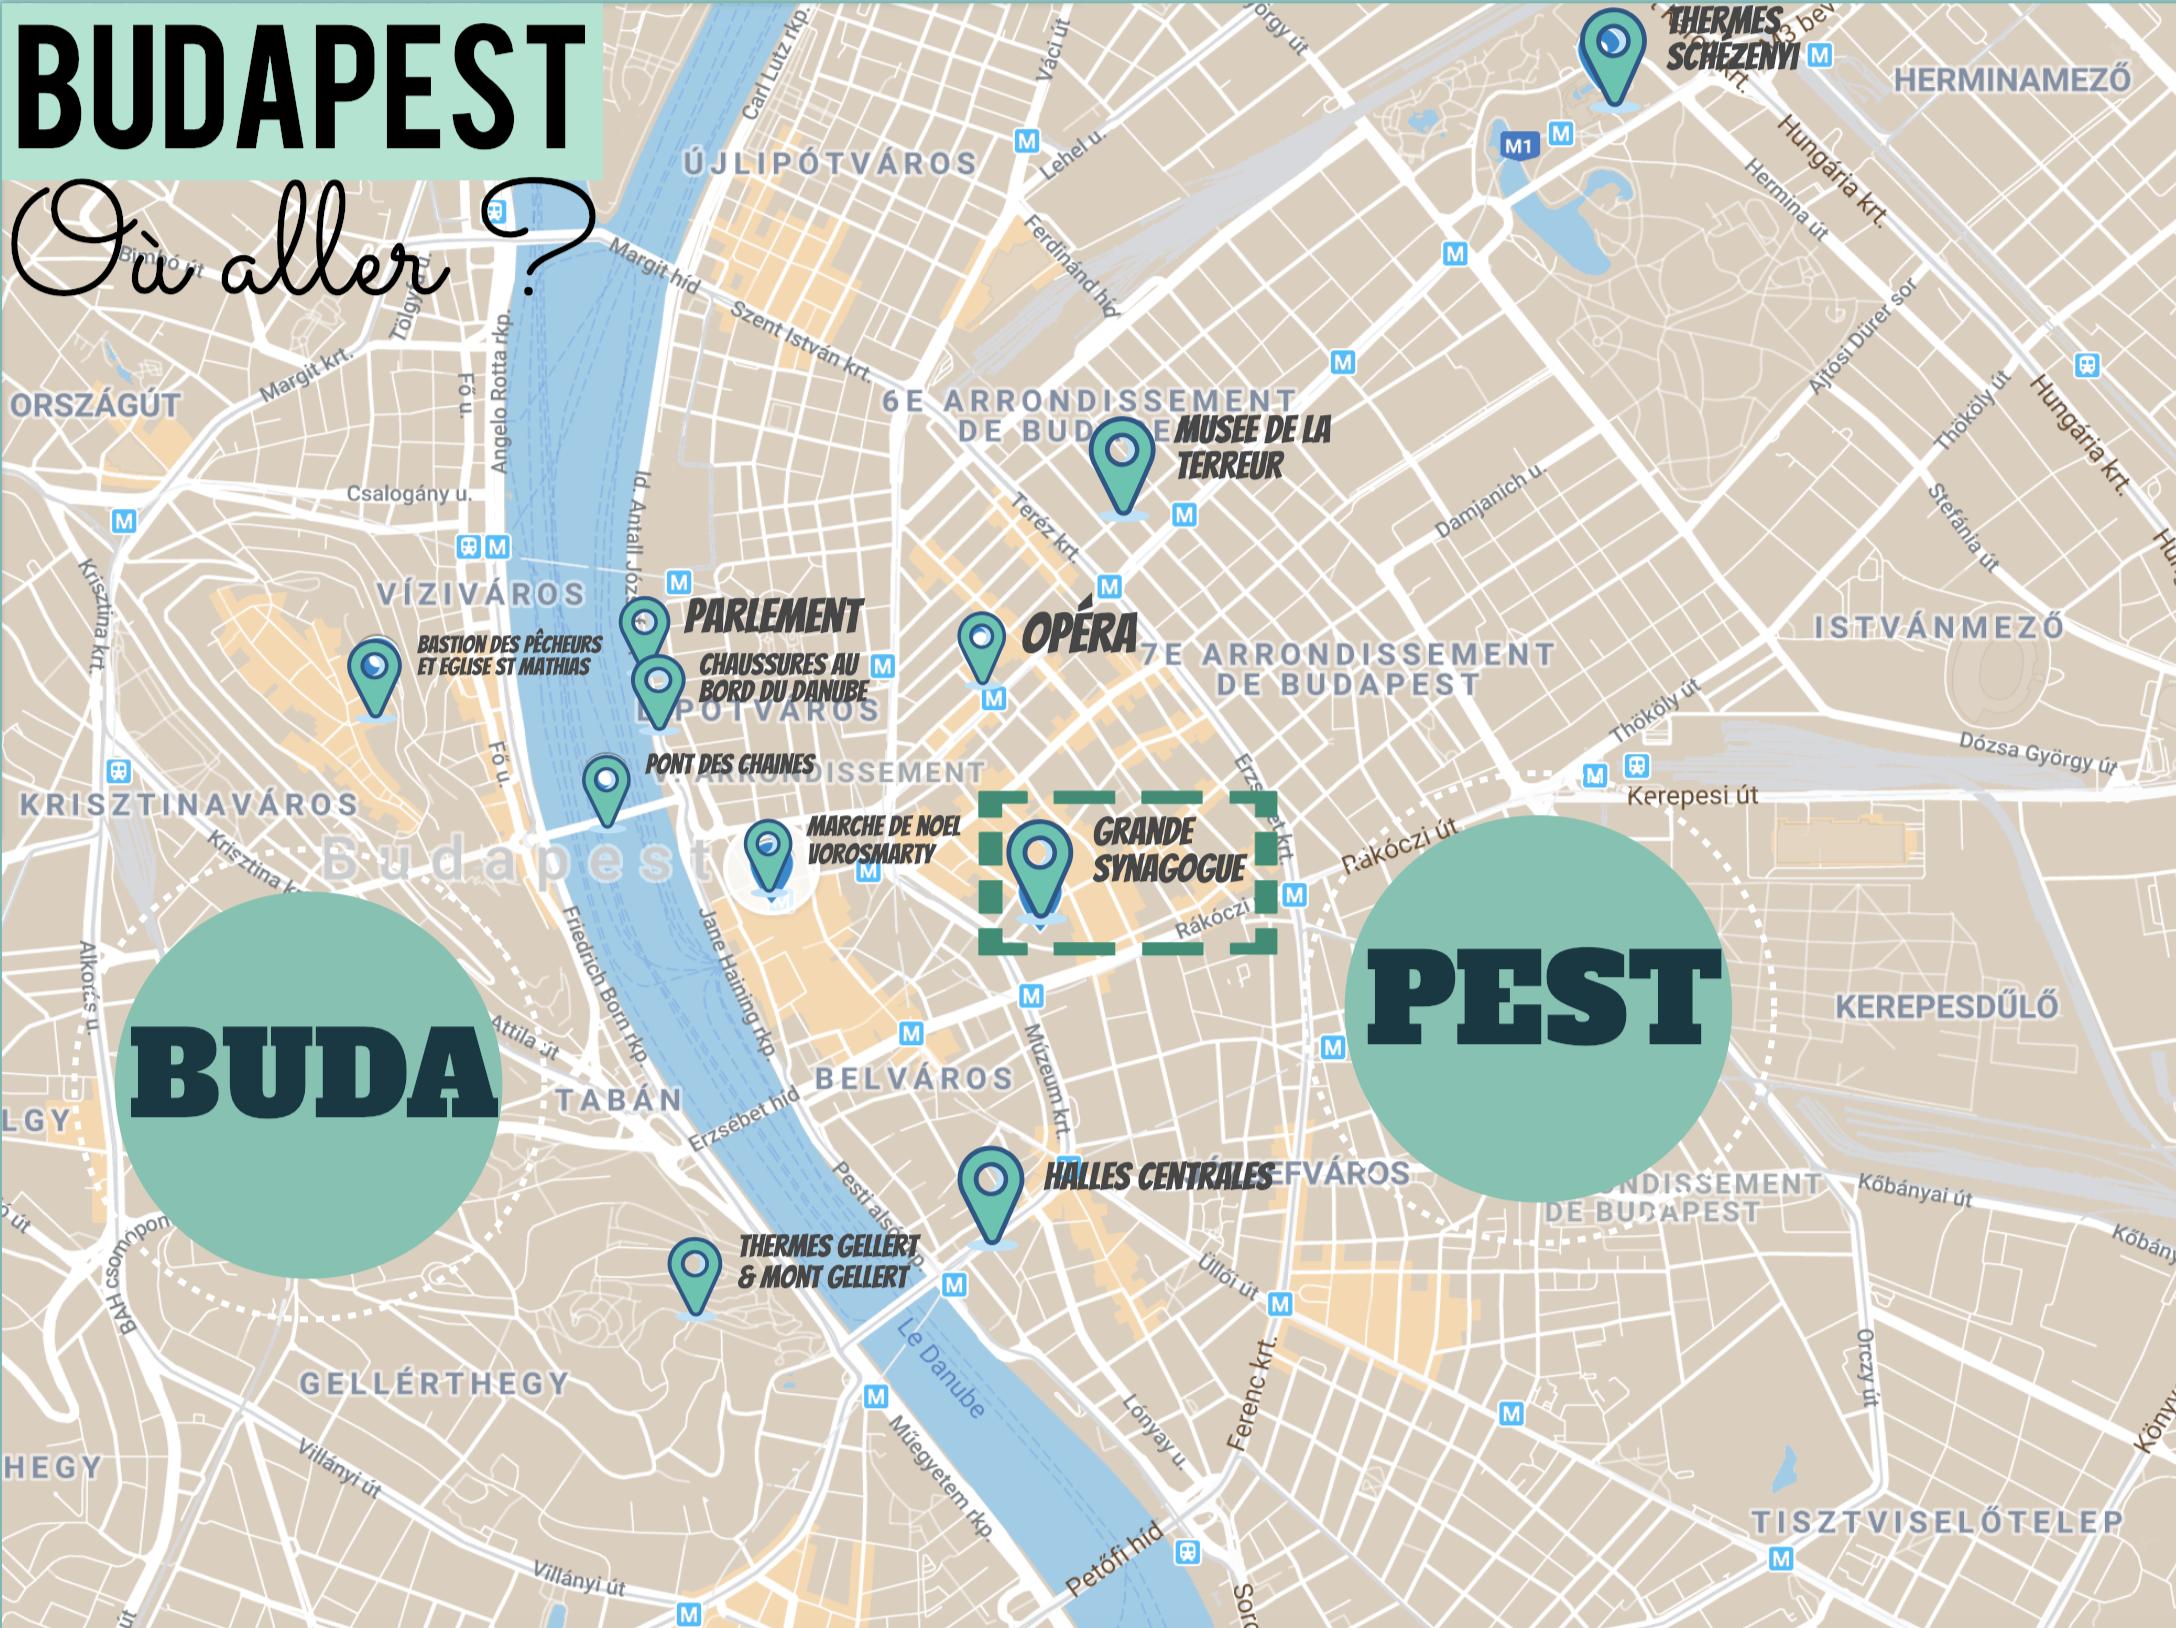 plan des lieux touristiques à voir à budapest